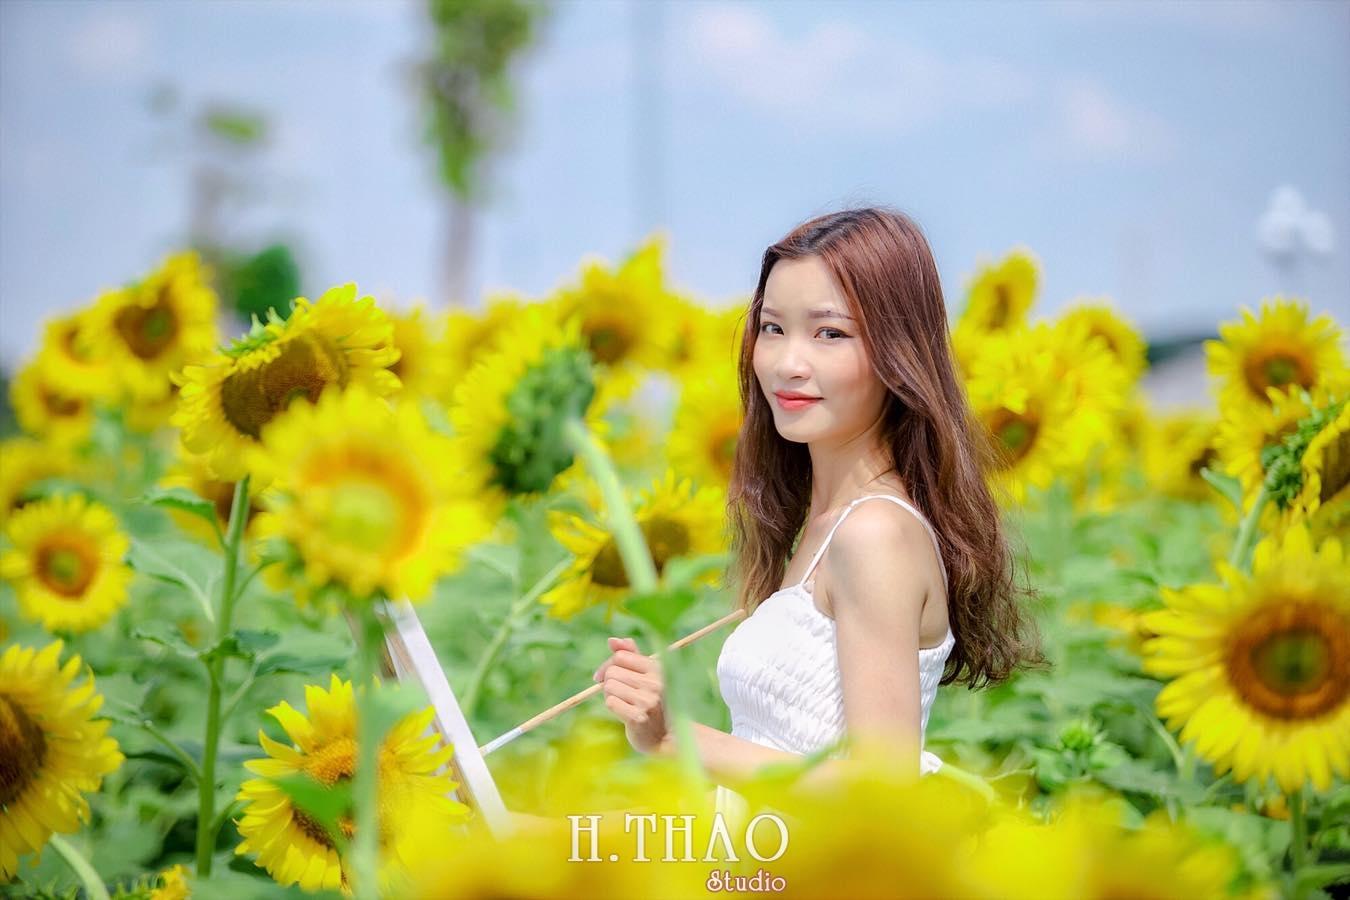 hoa huong duong 4 - Cánh đồng hoa hướng dương tuyệt đẹp giữa Sài Gòn